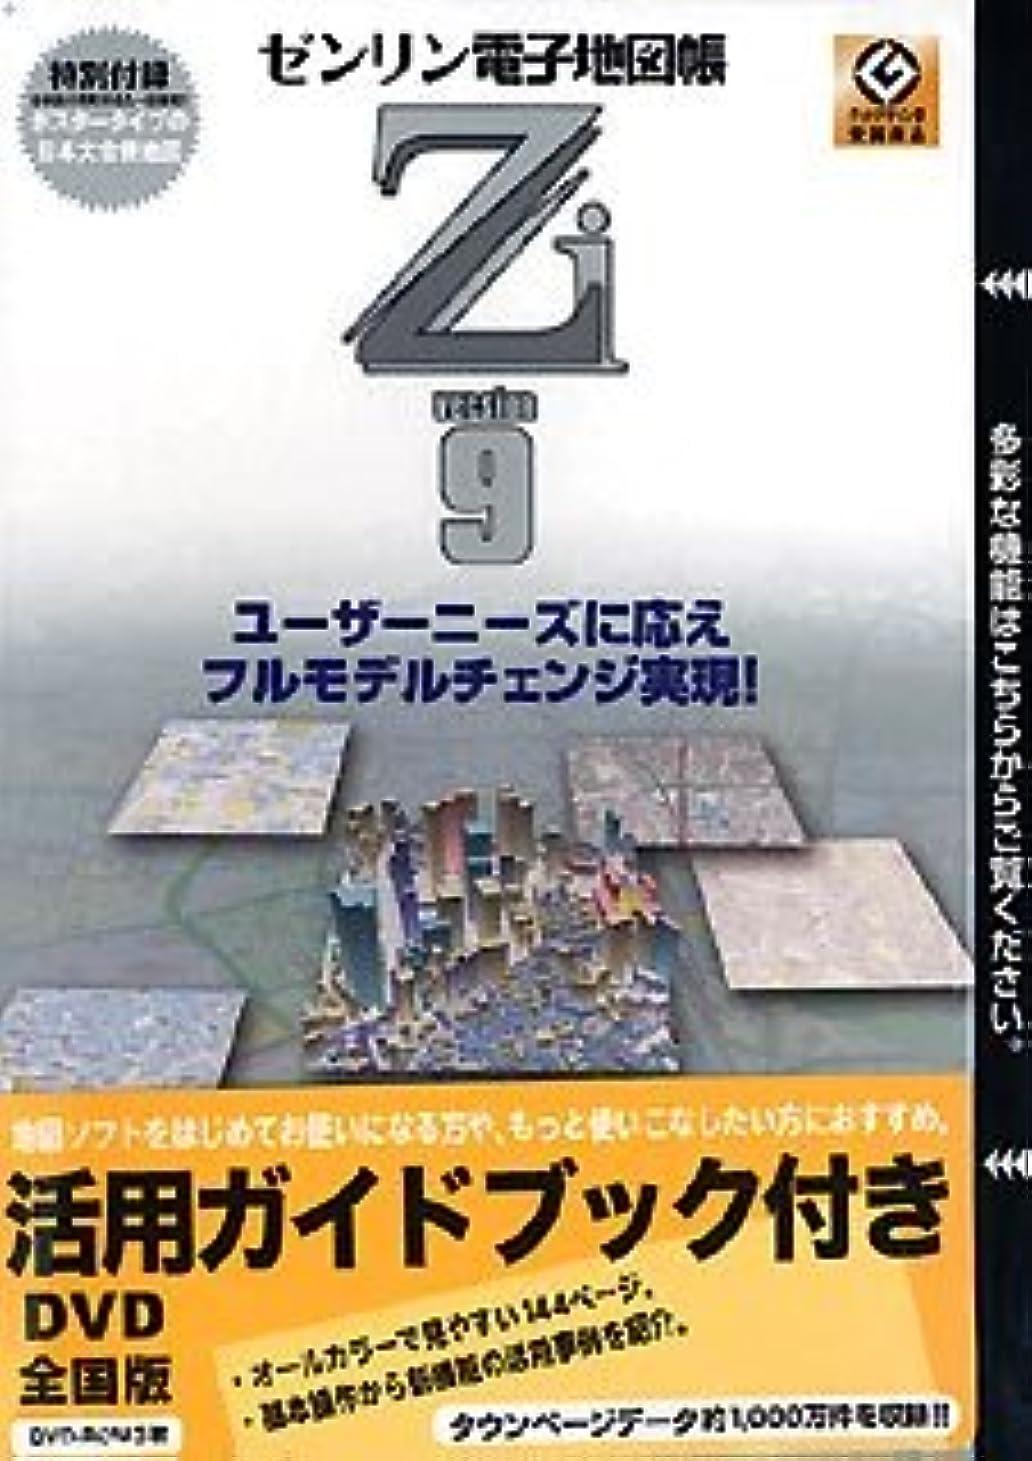 アナロジーペパーミント発言するゼンリン電子地図帳Zi9 DVD全国版 + 活用ガイドブック付